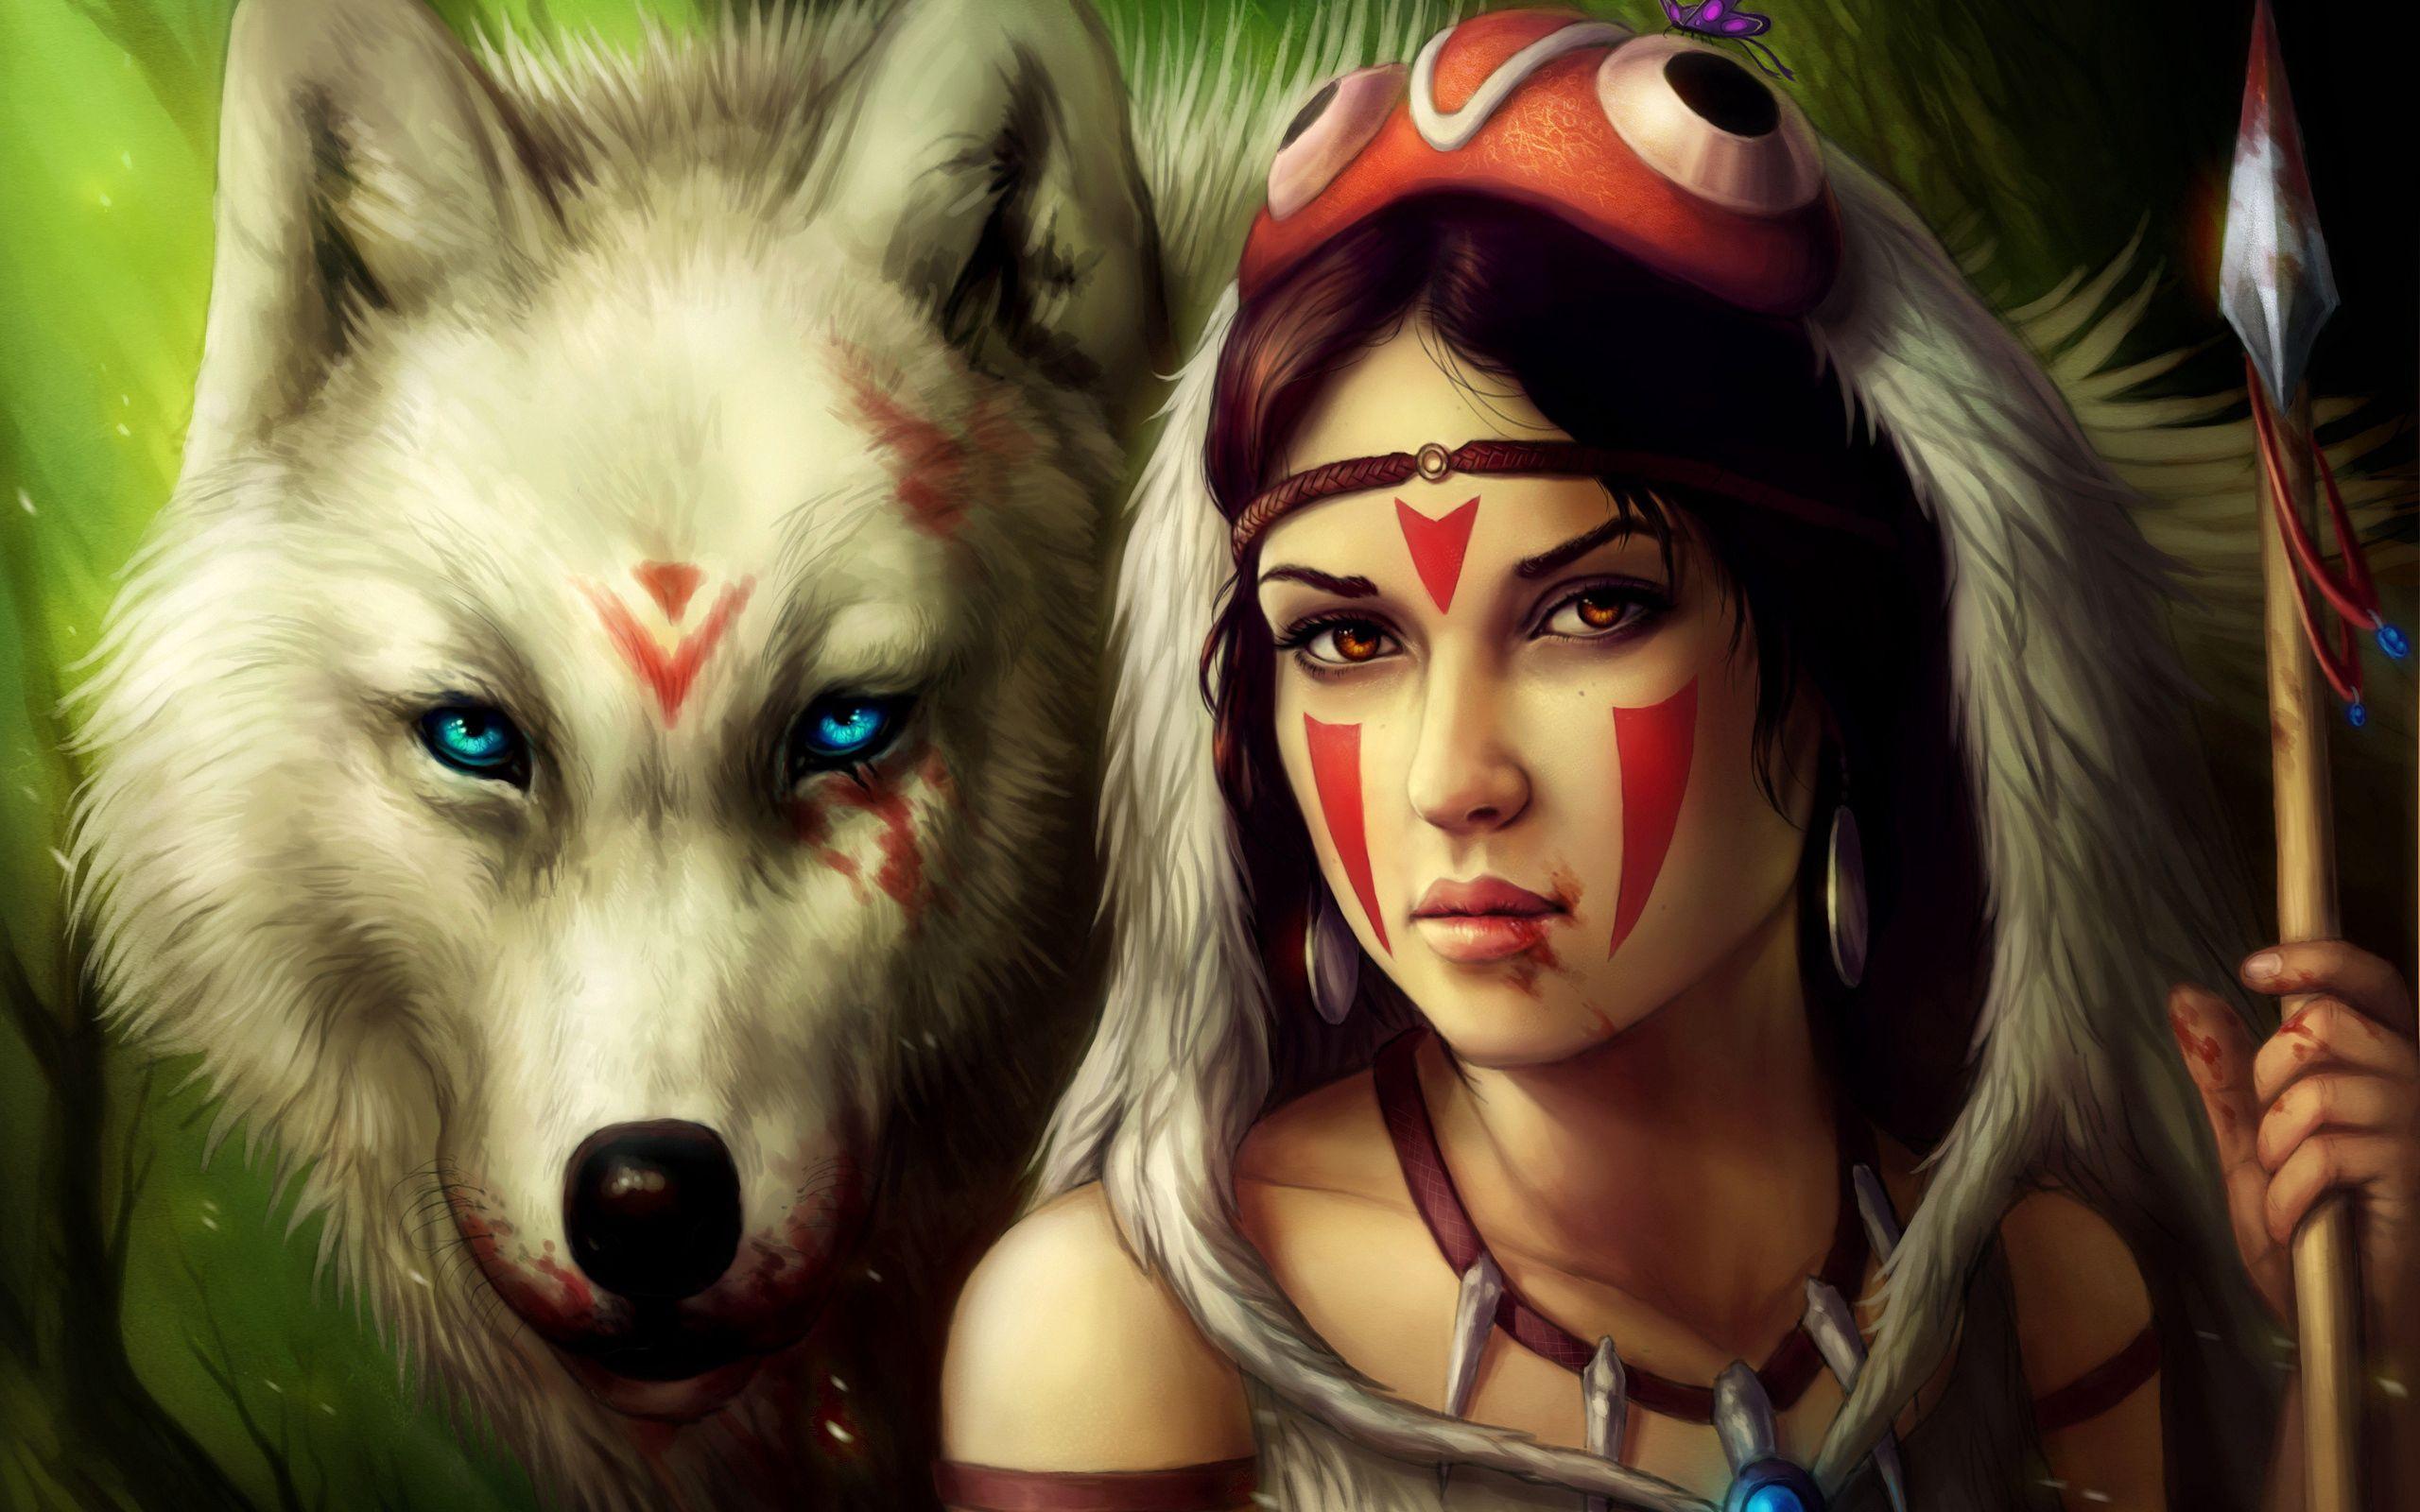 145808 Hintergrundbild herunterladen Fantasie, Mädchen, Wolf, Krieger, Ein Speer, Speer - Bildschirmschoner und Bilder kostenlos